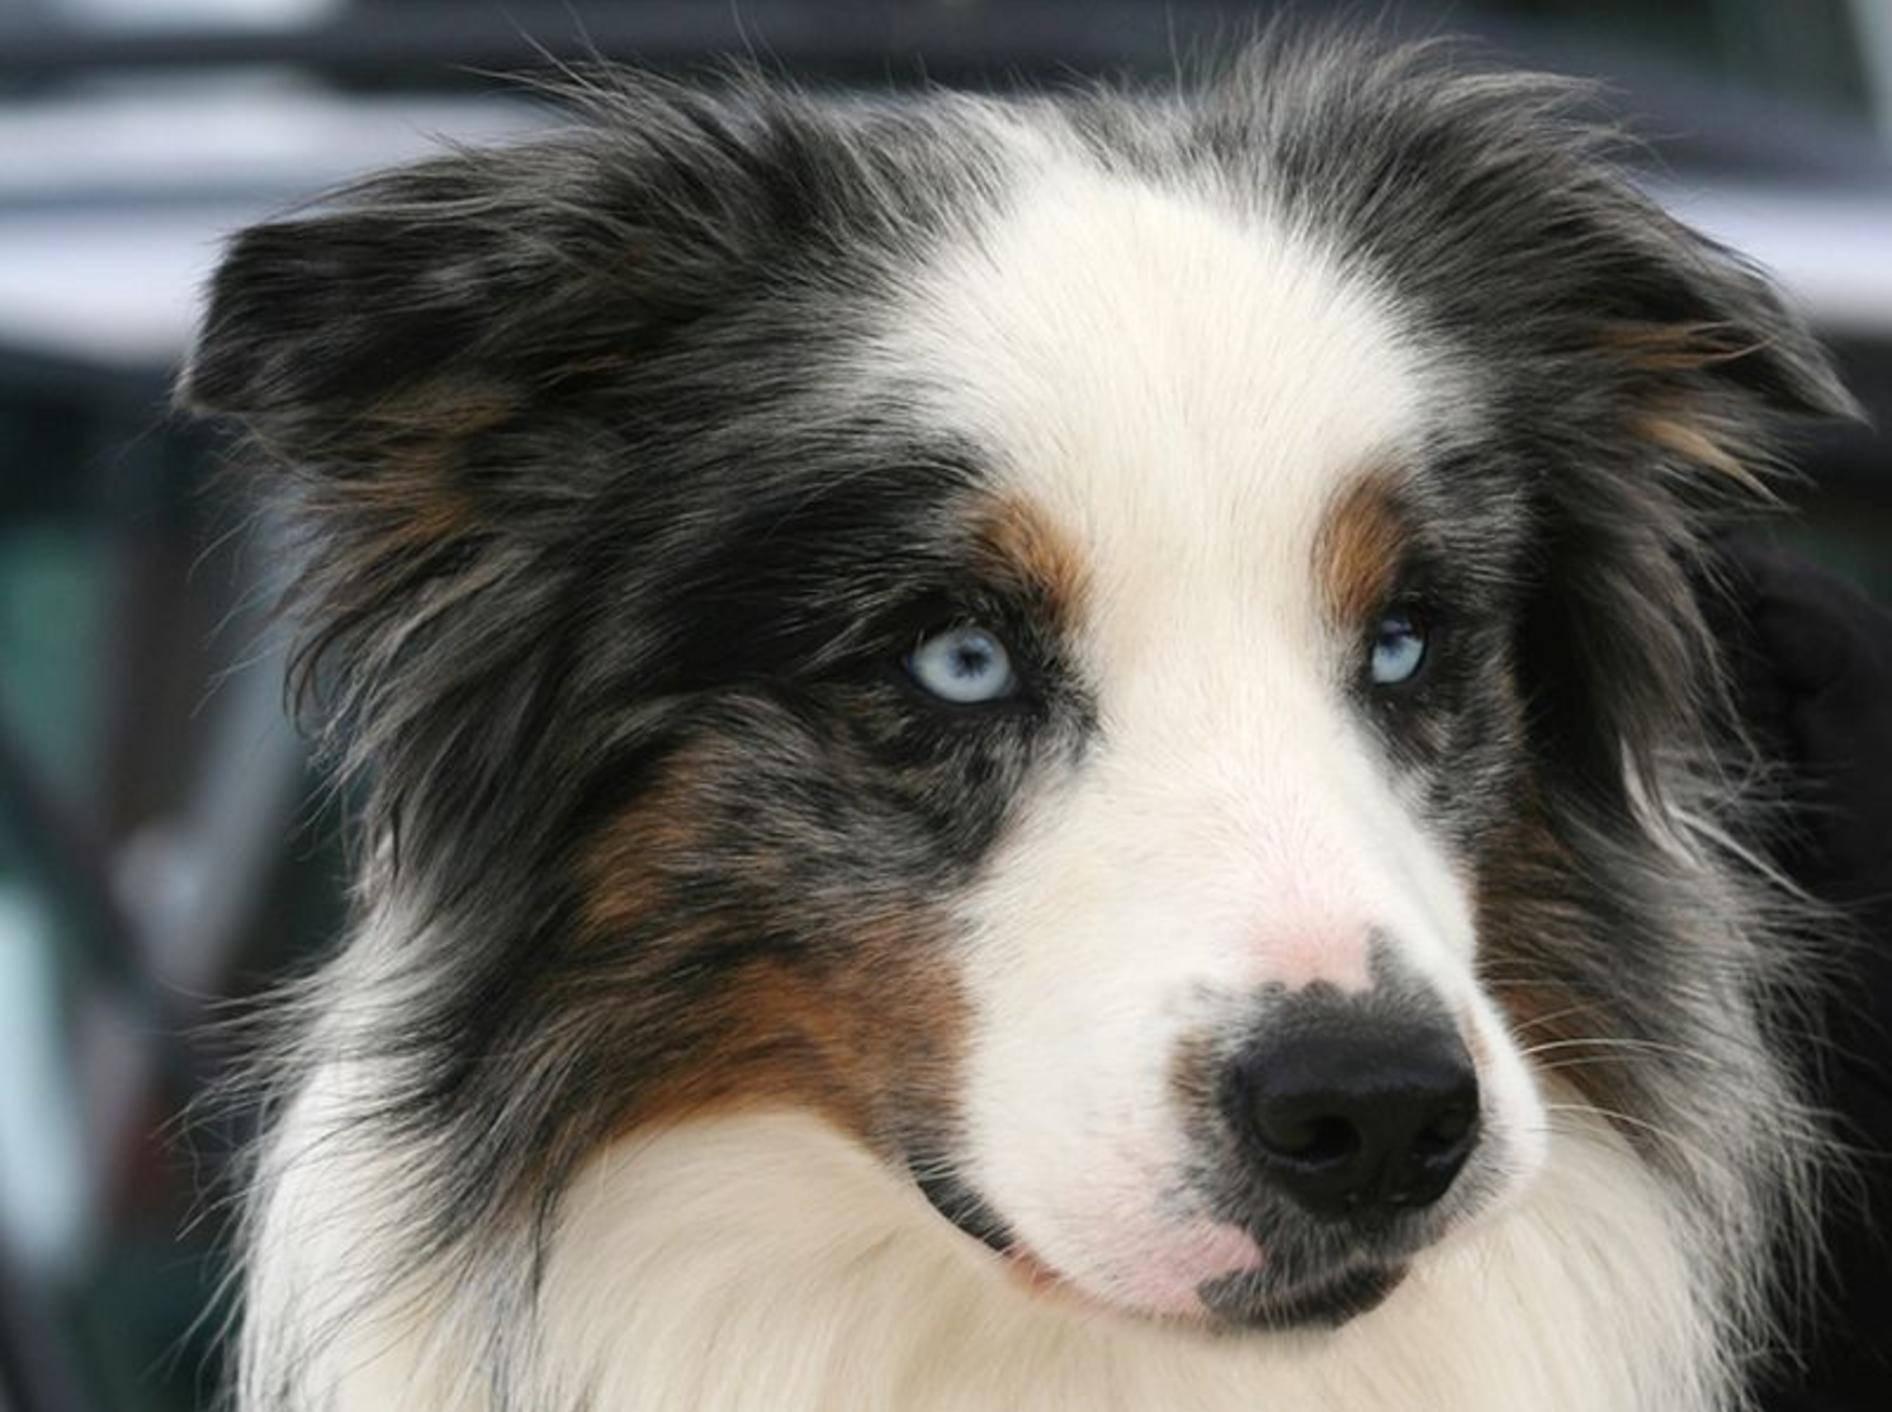 Buntes Fell, hellblaue Augen: Ein Traum, dieser Hund, oder? – Bild: Shutterstock / Cristina Annibali